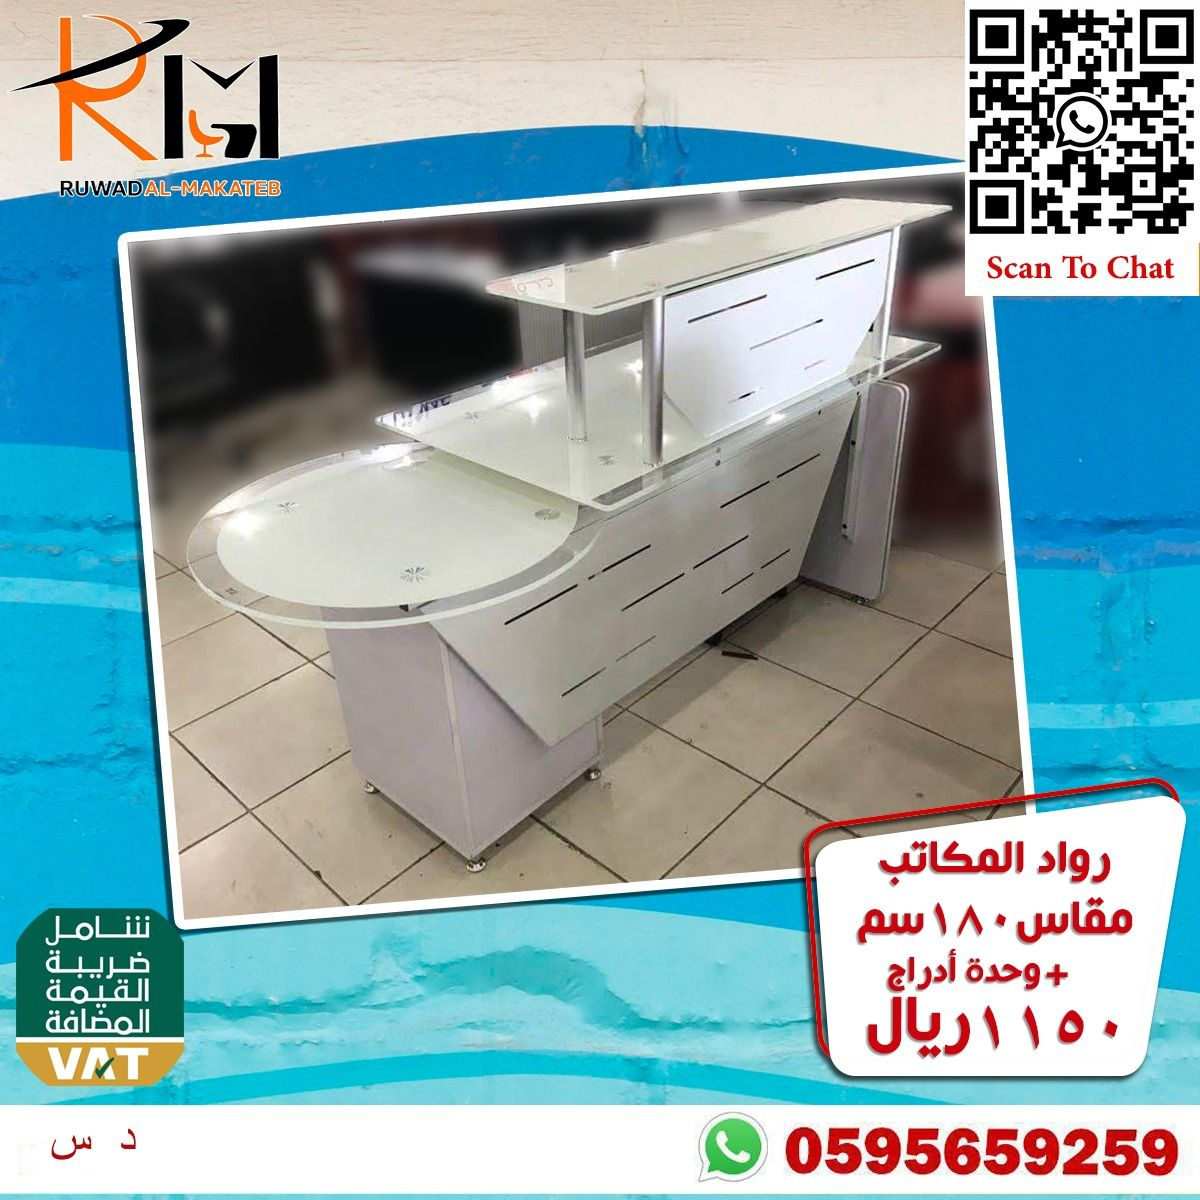 كونتر استقبال ابيض Trash Can Home Appliances Washing Machine